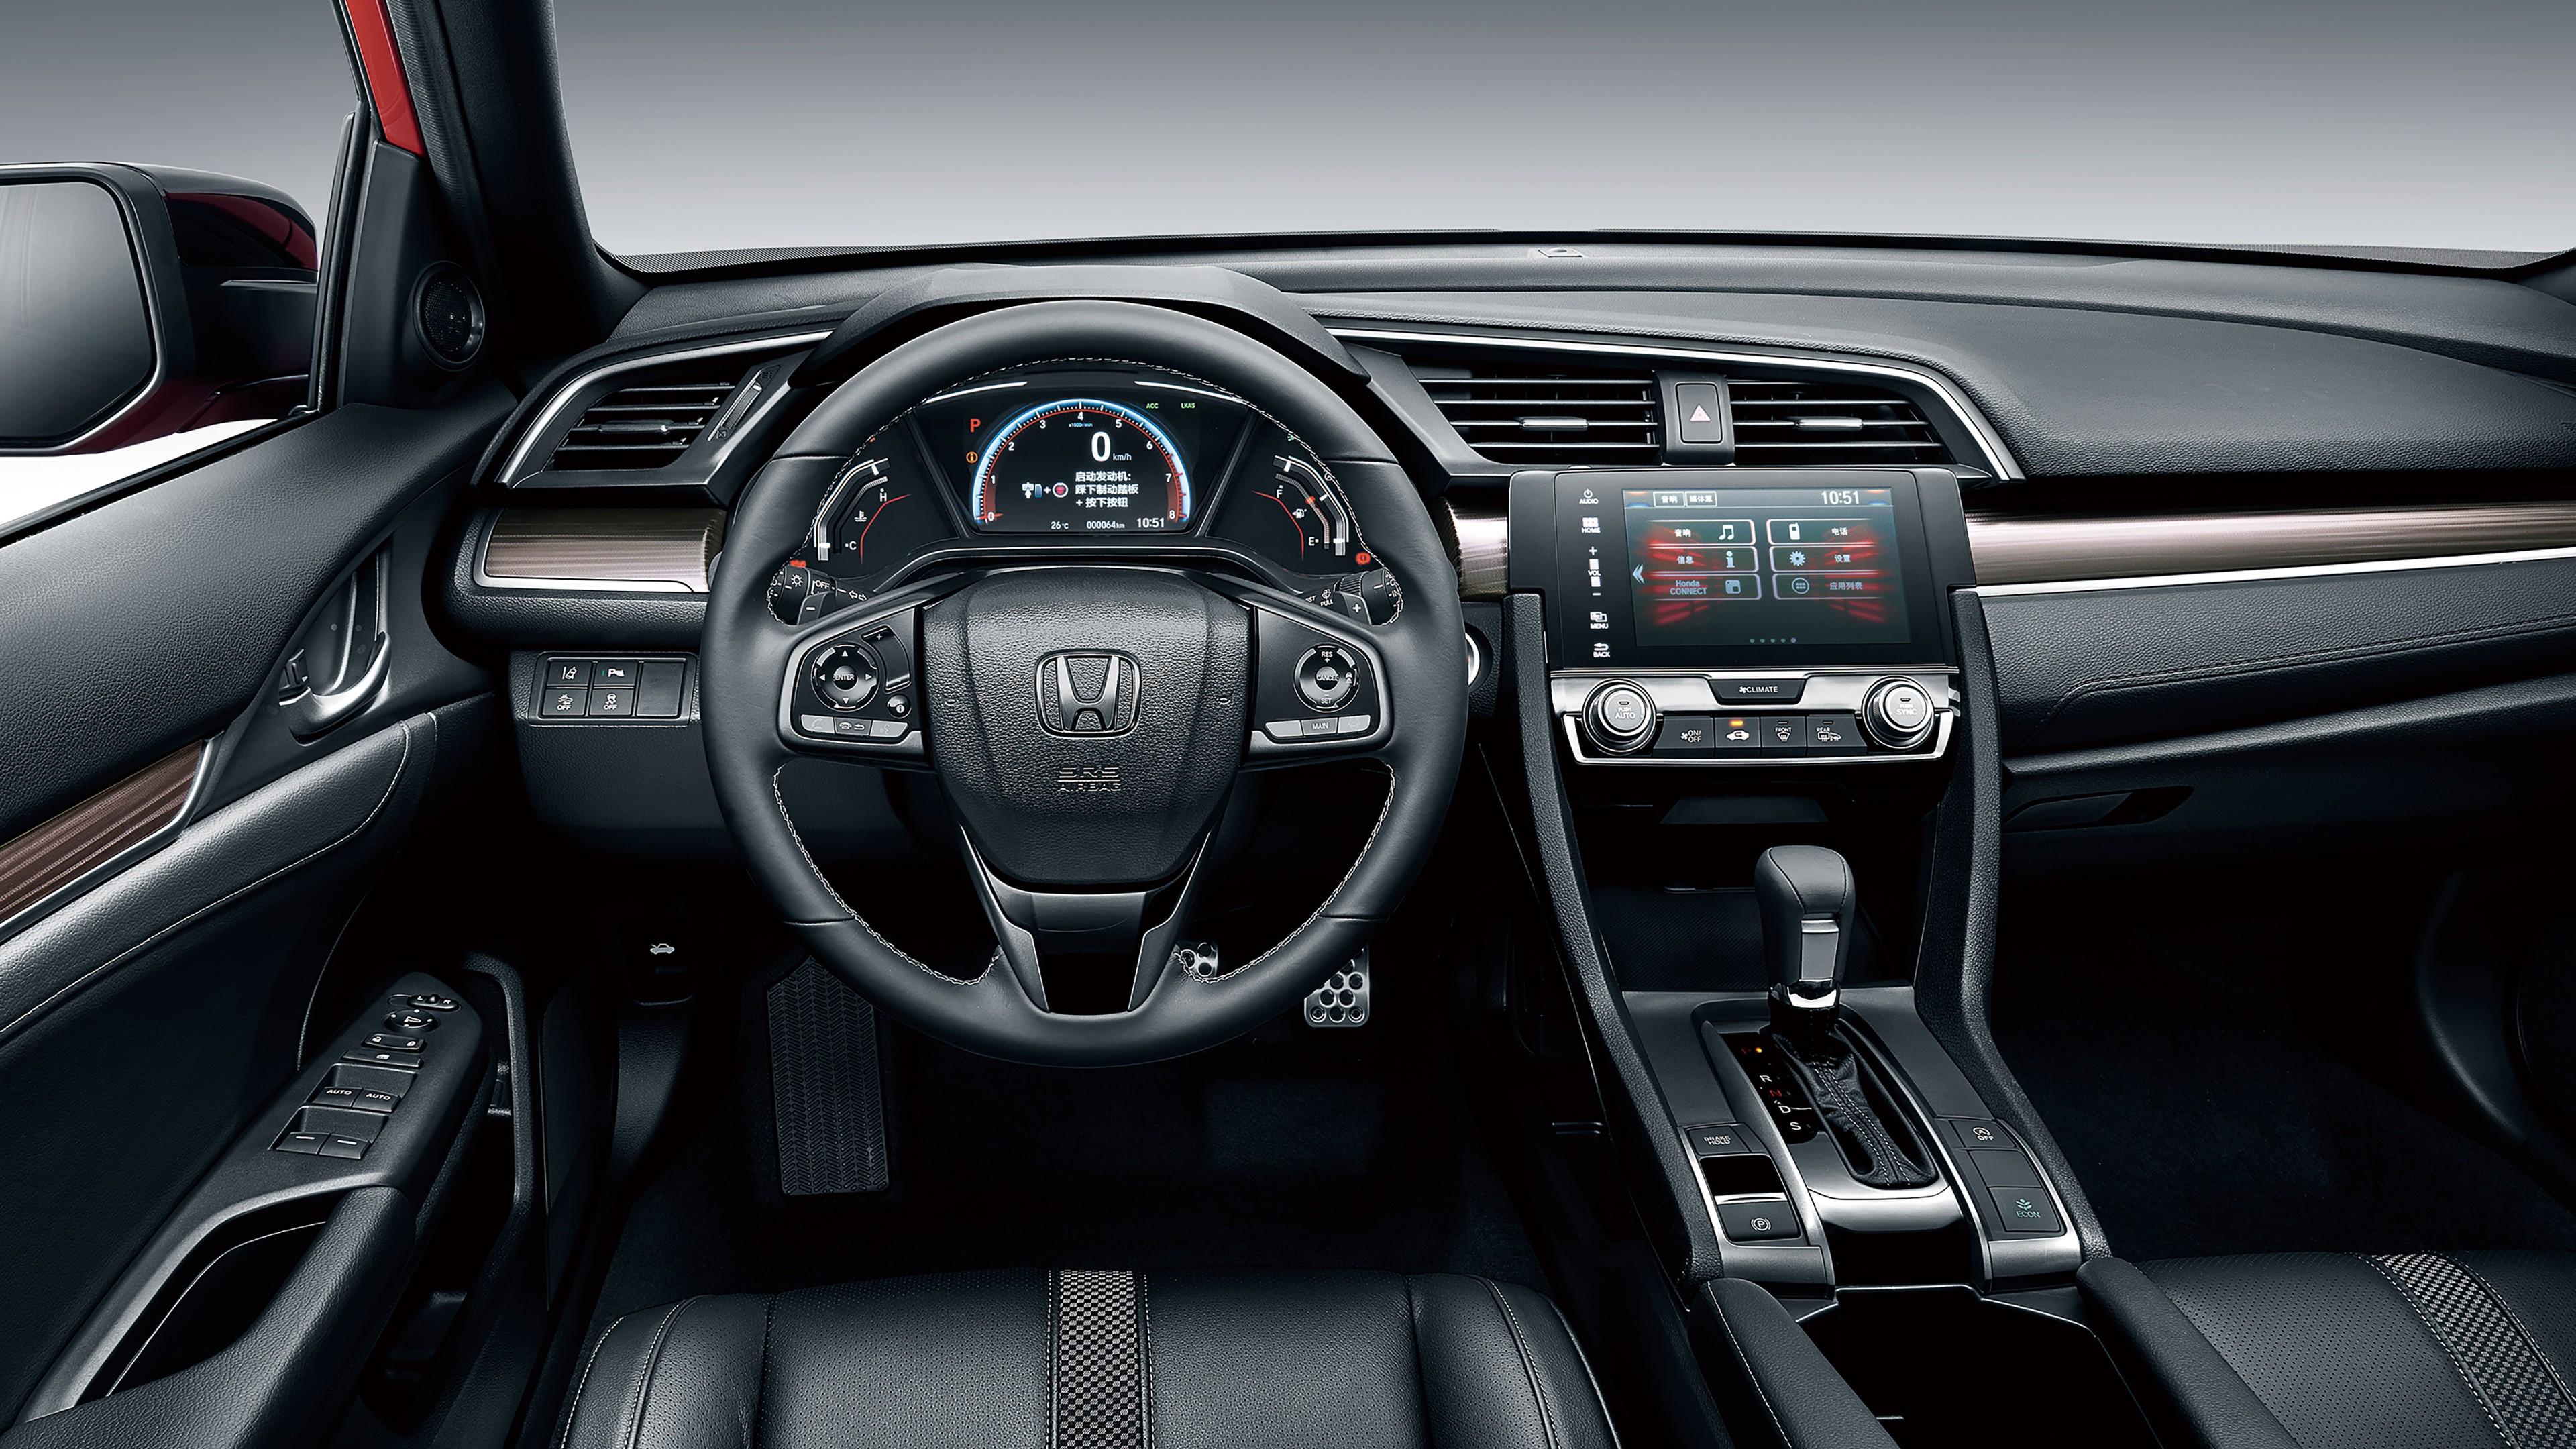 Kekurangan Harga Civic Turbo Review